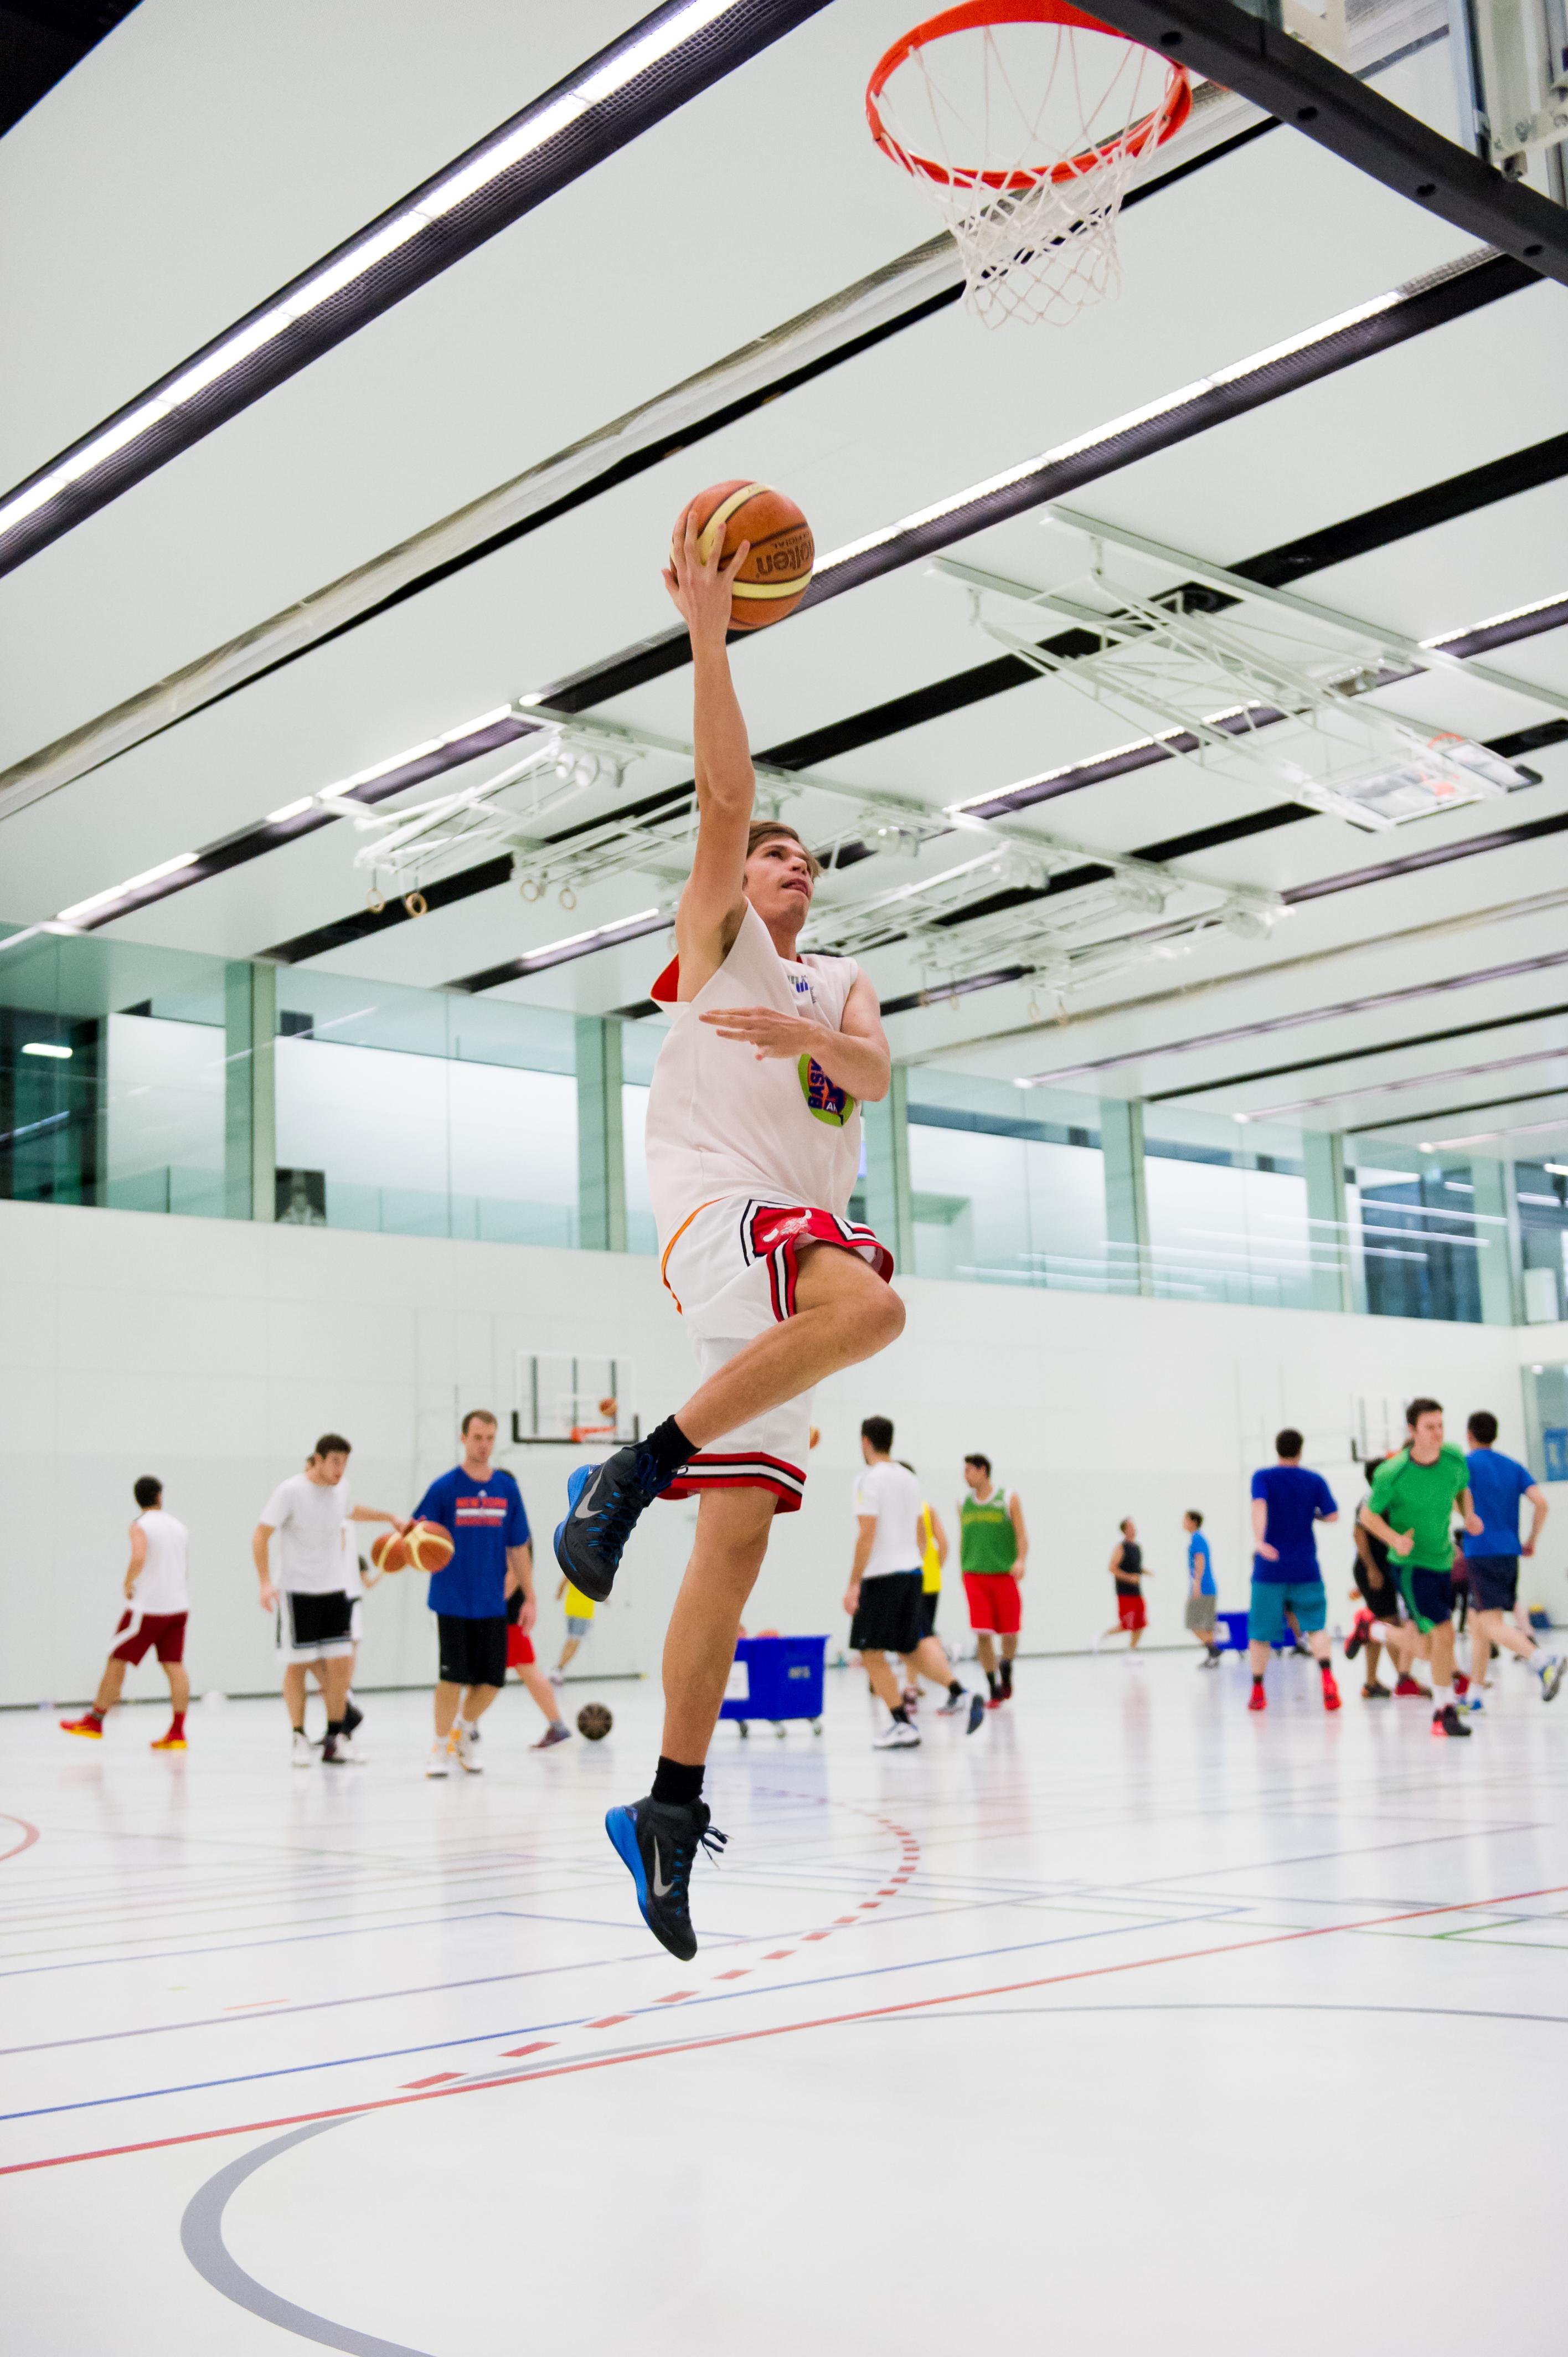 Nett Basketball Schiedsrichter Lebenslauf Beispiele Fotos - Entry ...